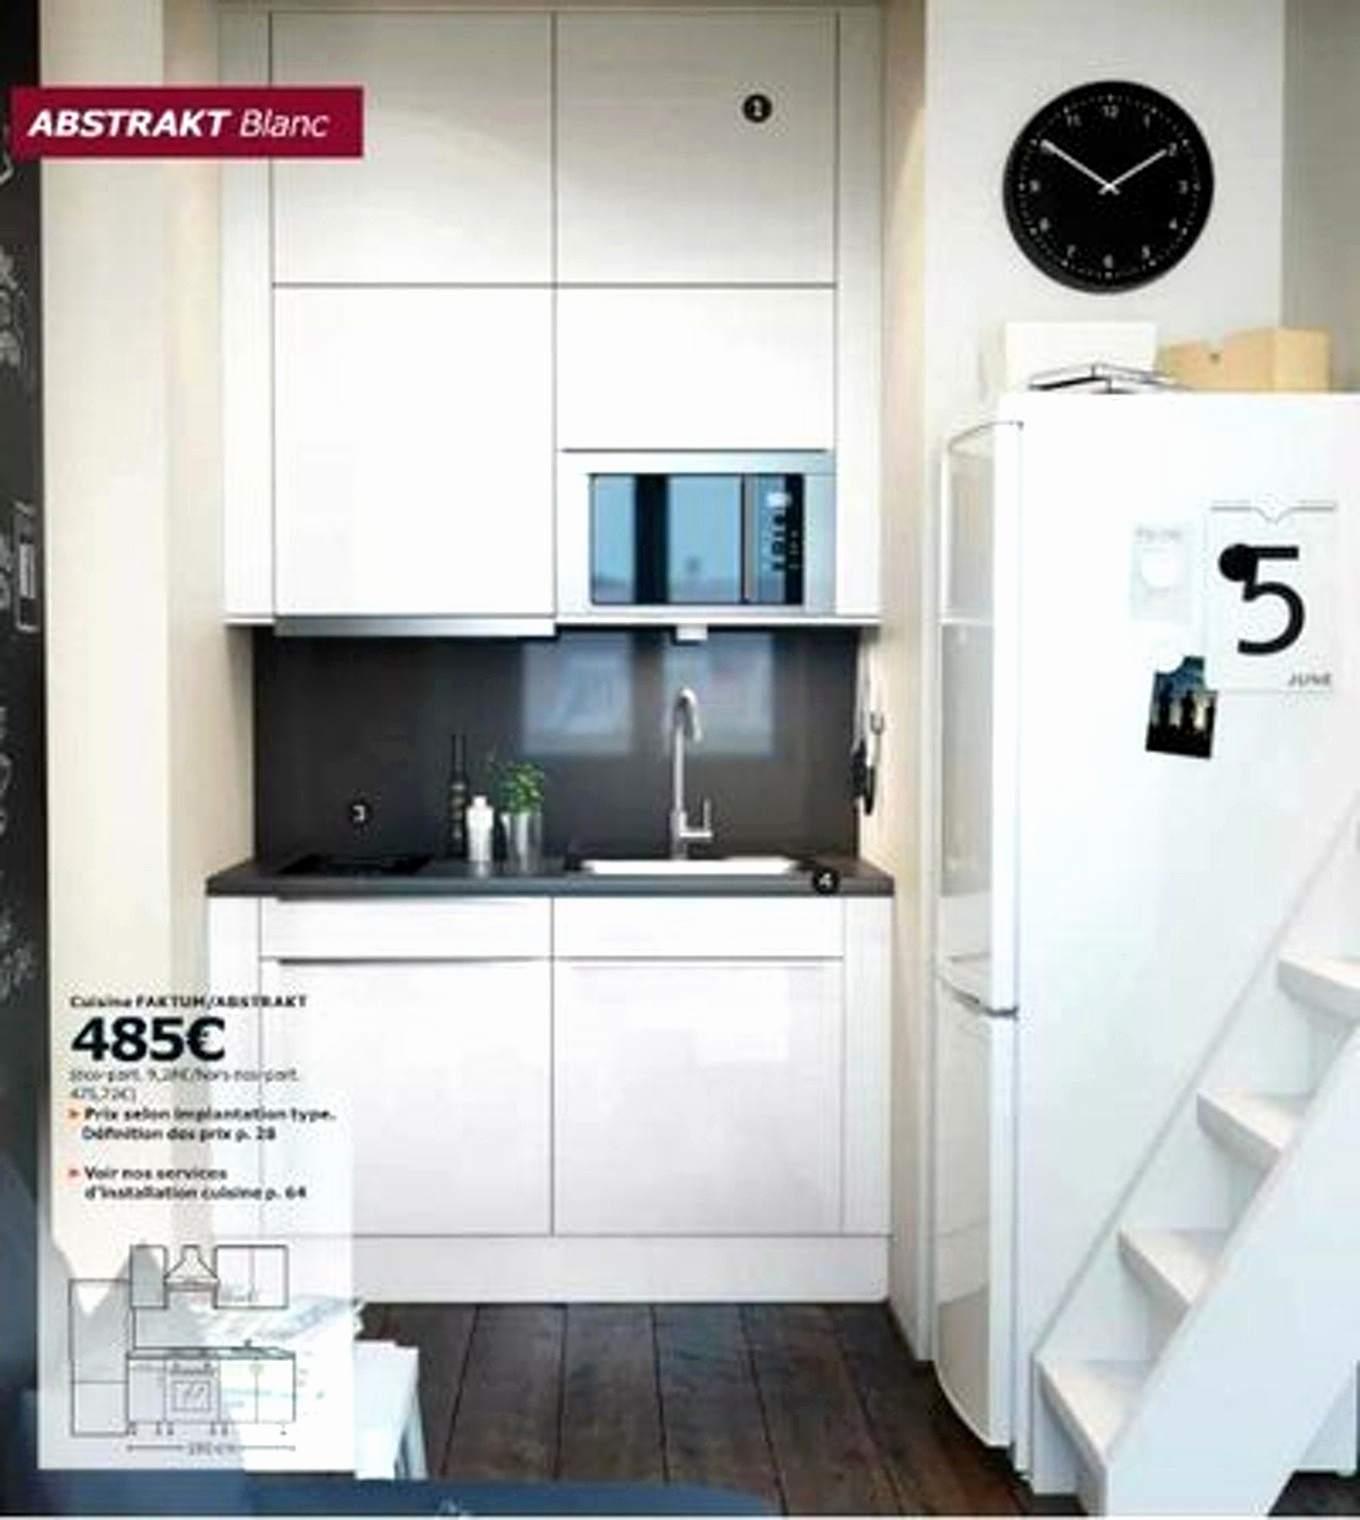 Ikea Angers 49000 Adresse Inspirant Photos Cuisines Ikea Nouveau Ikea Simulateur Cuisine Beau 49 Beau Galerie